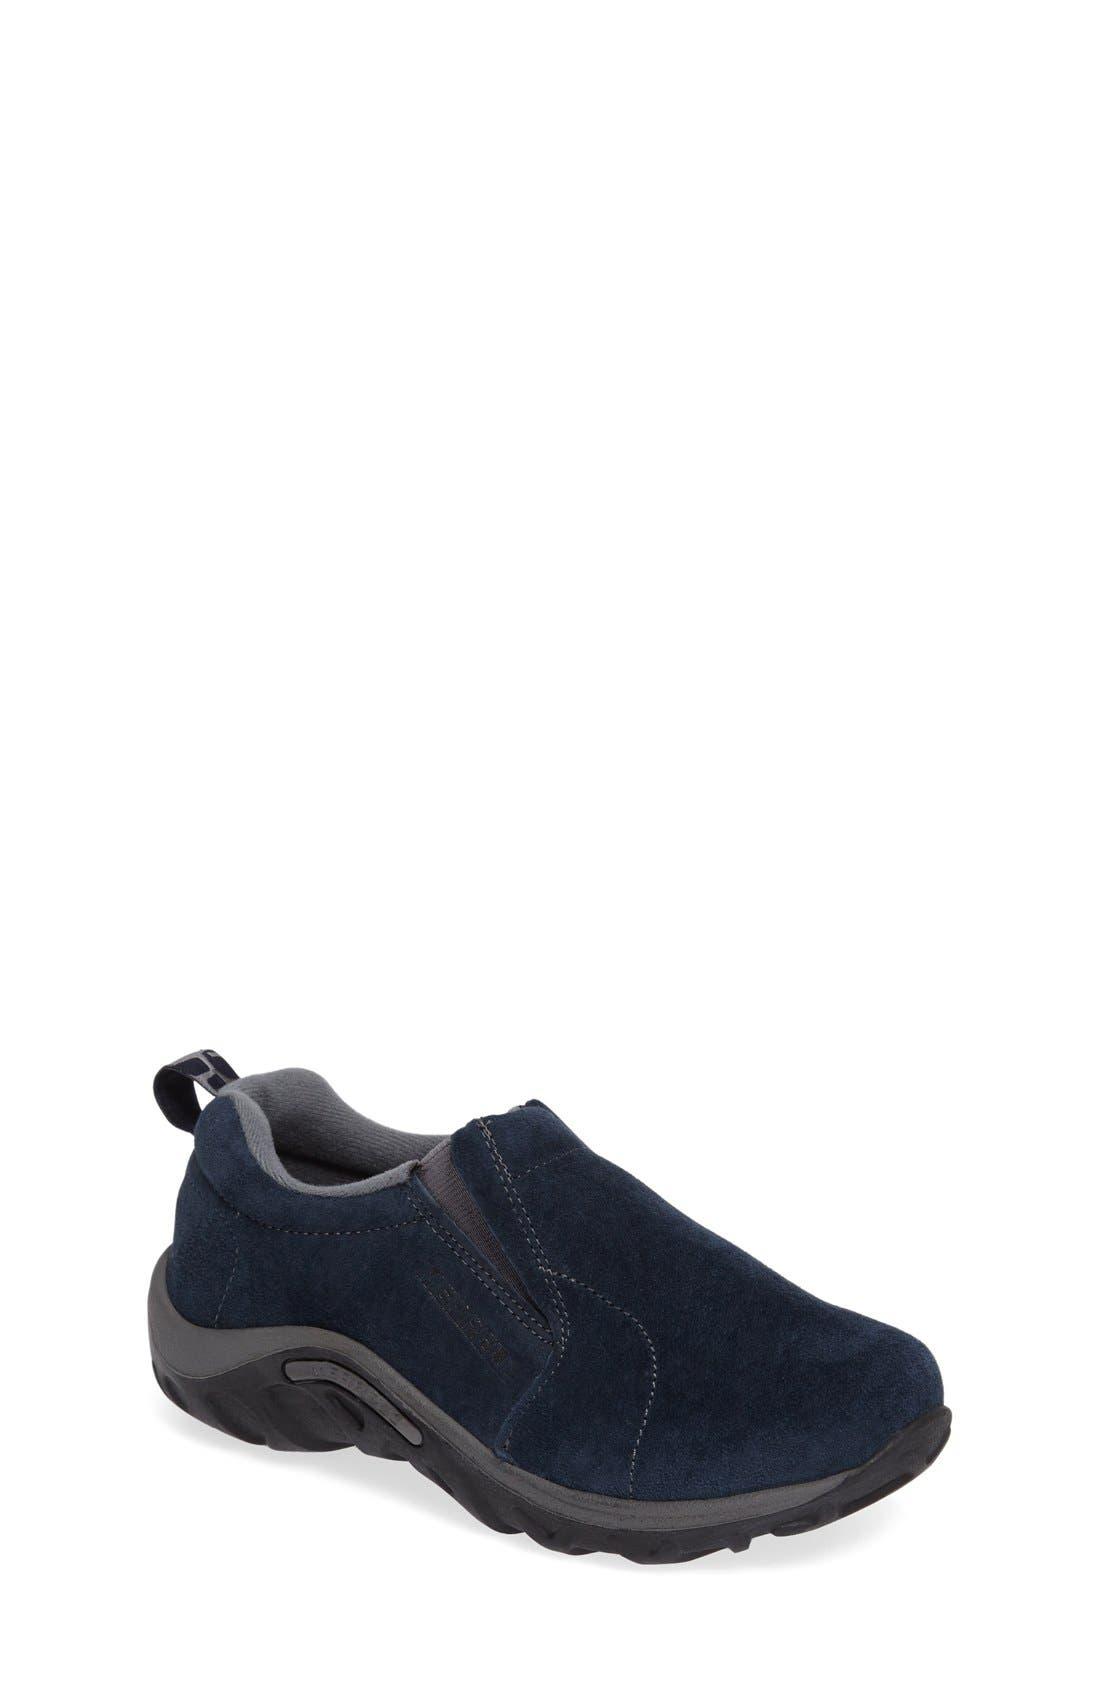 Merrell Jungle Moc Slip-On Sneaker (Toddler, Little Kid & Big Kid)